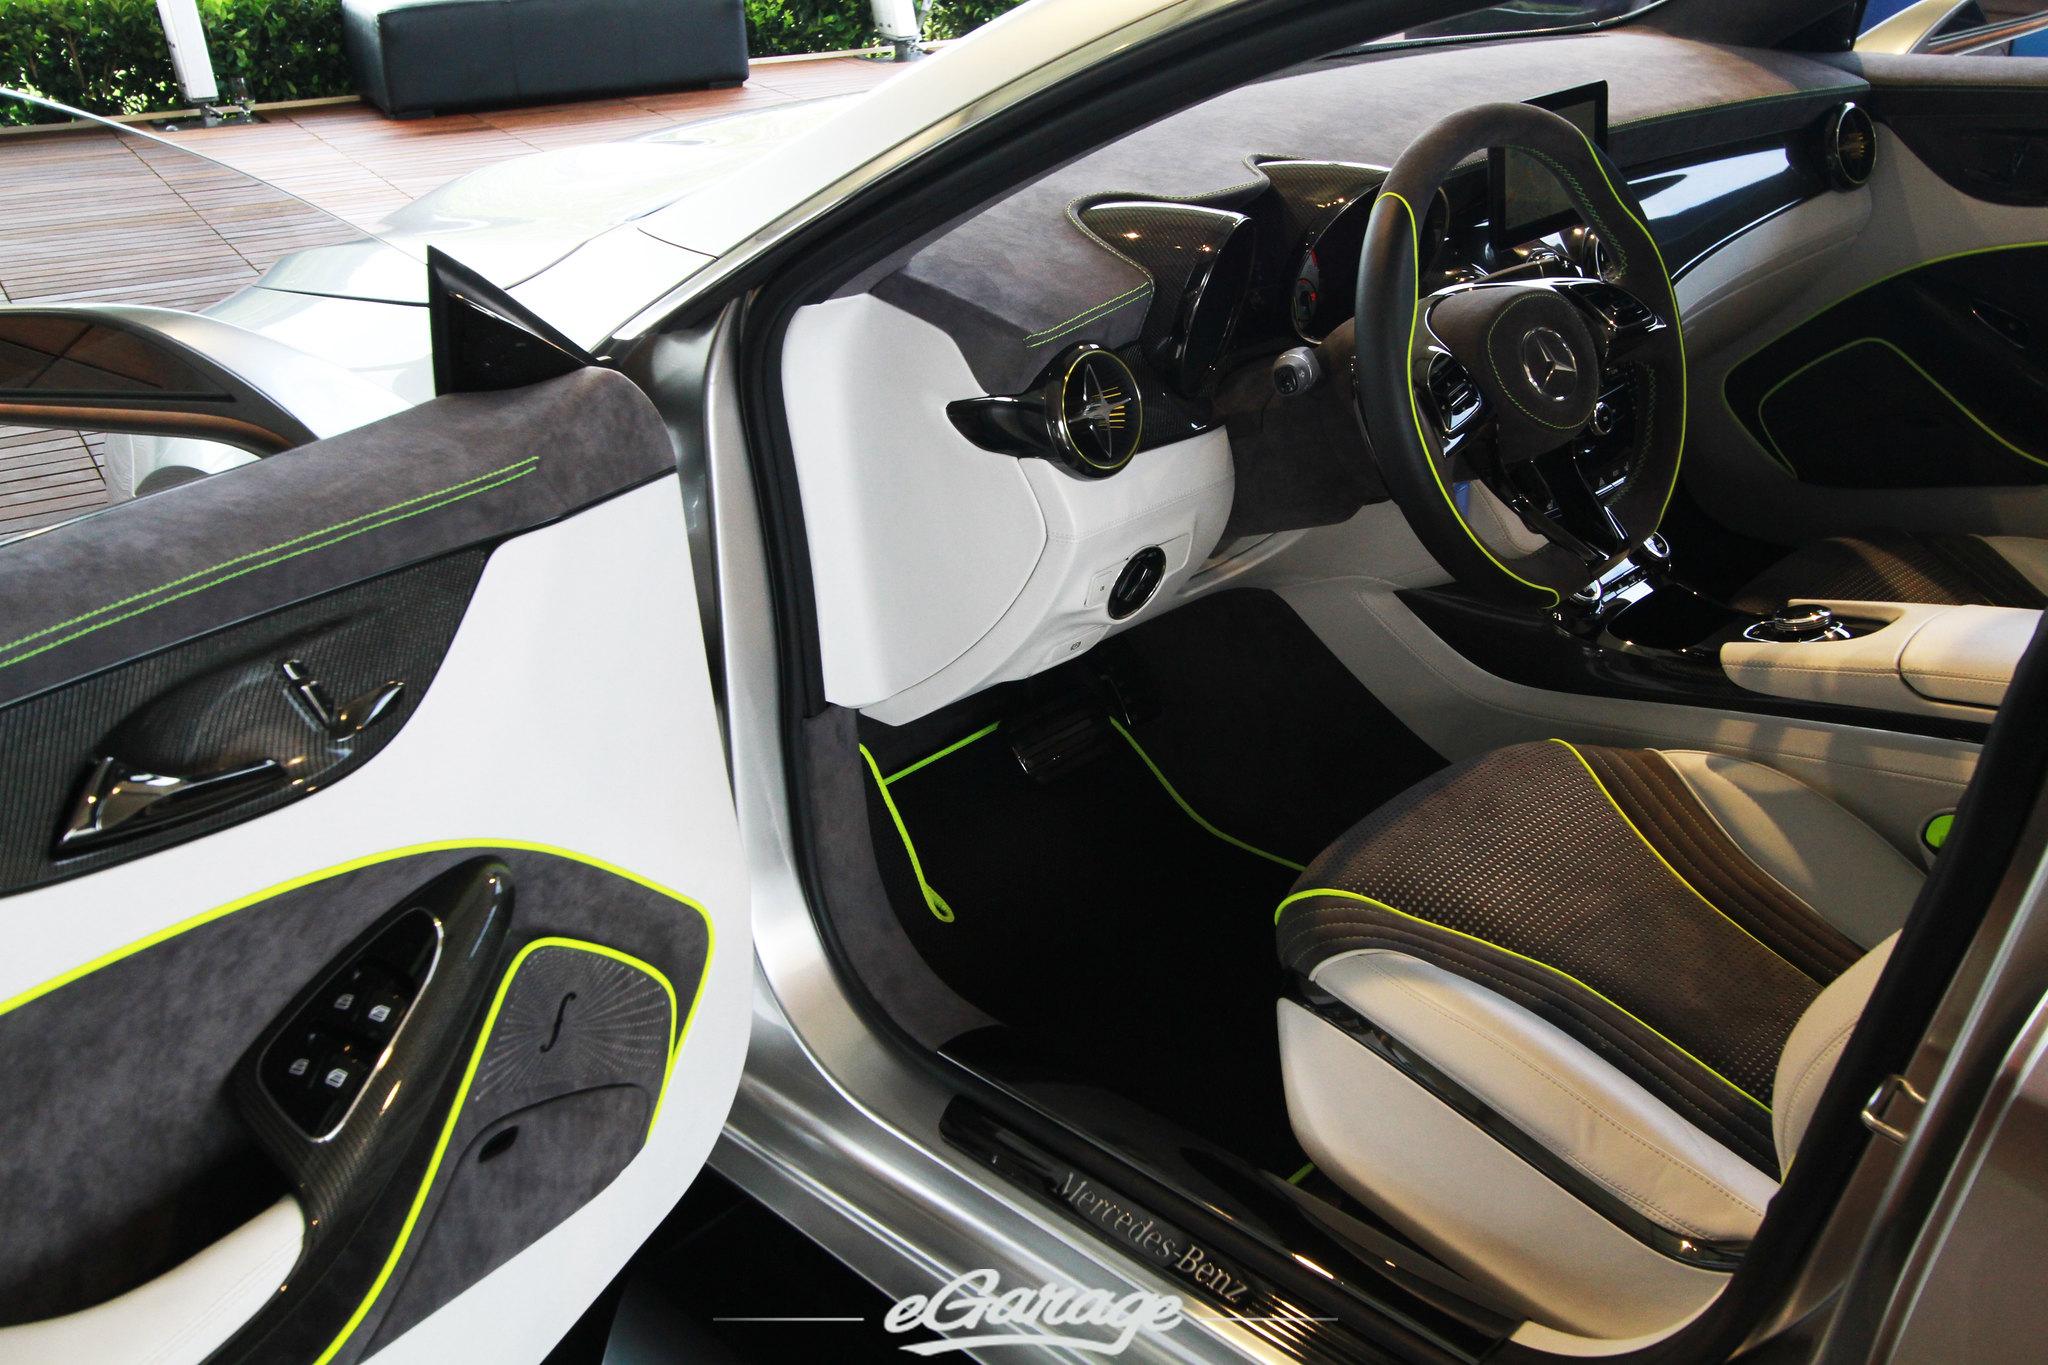 7828958768 d79735275c k Mercedes Benz Classic